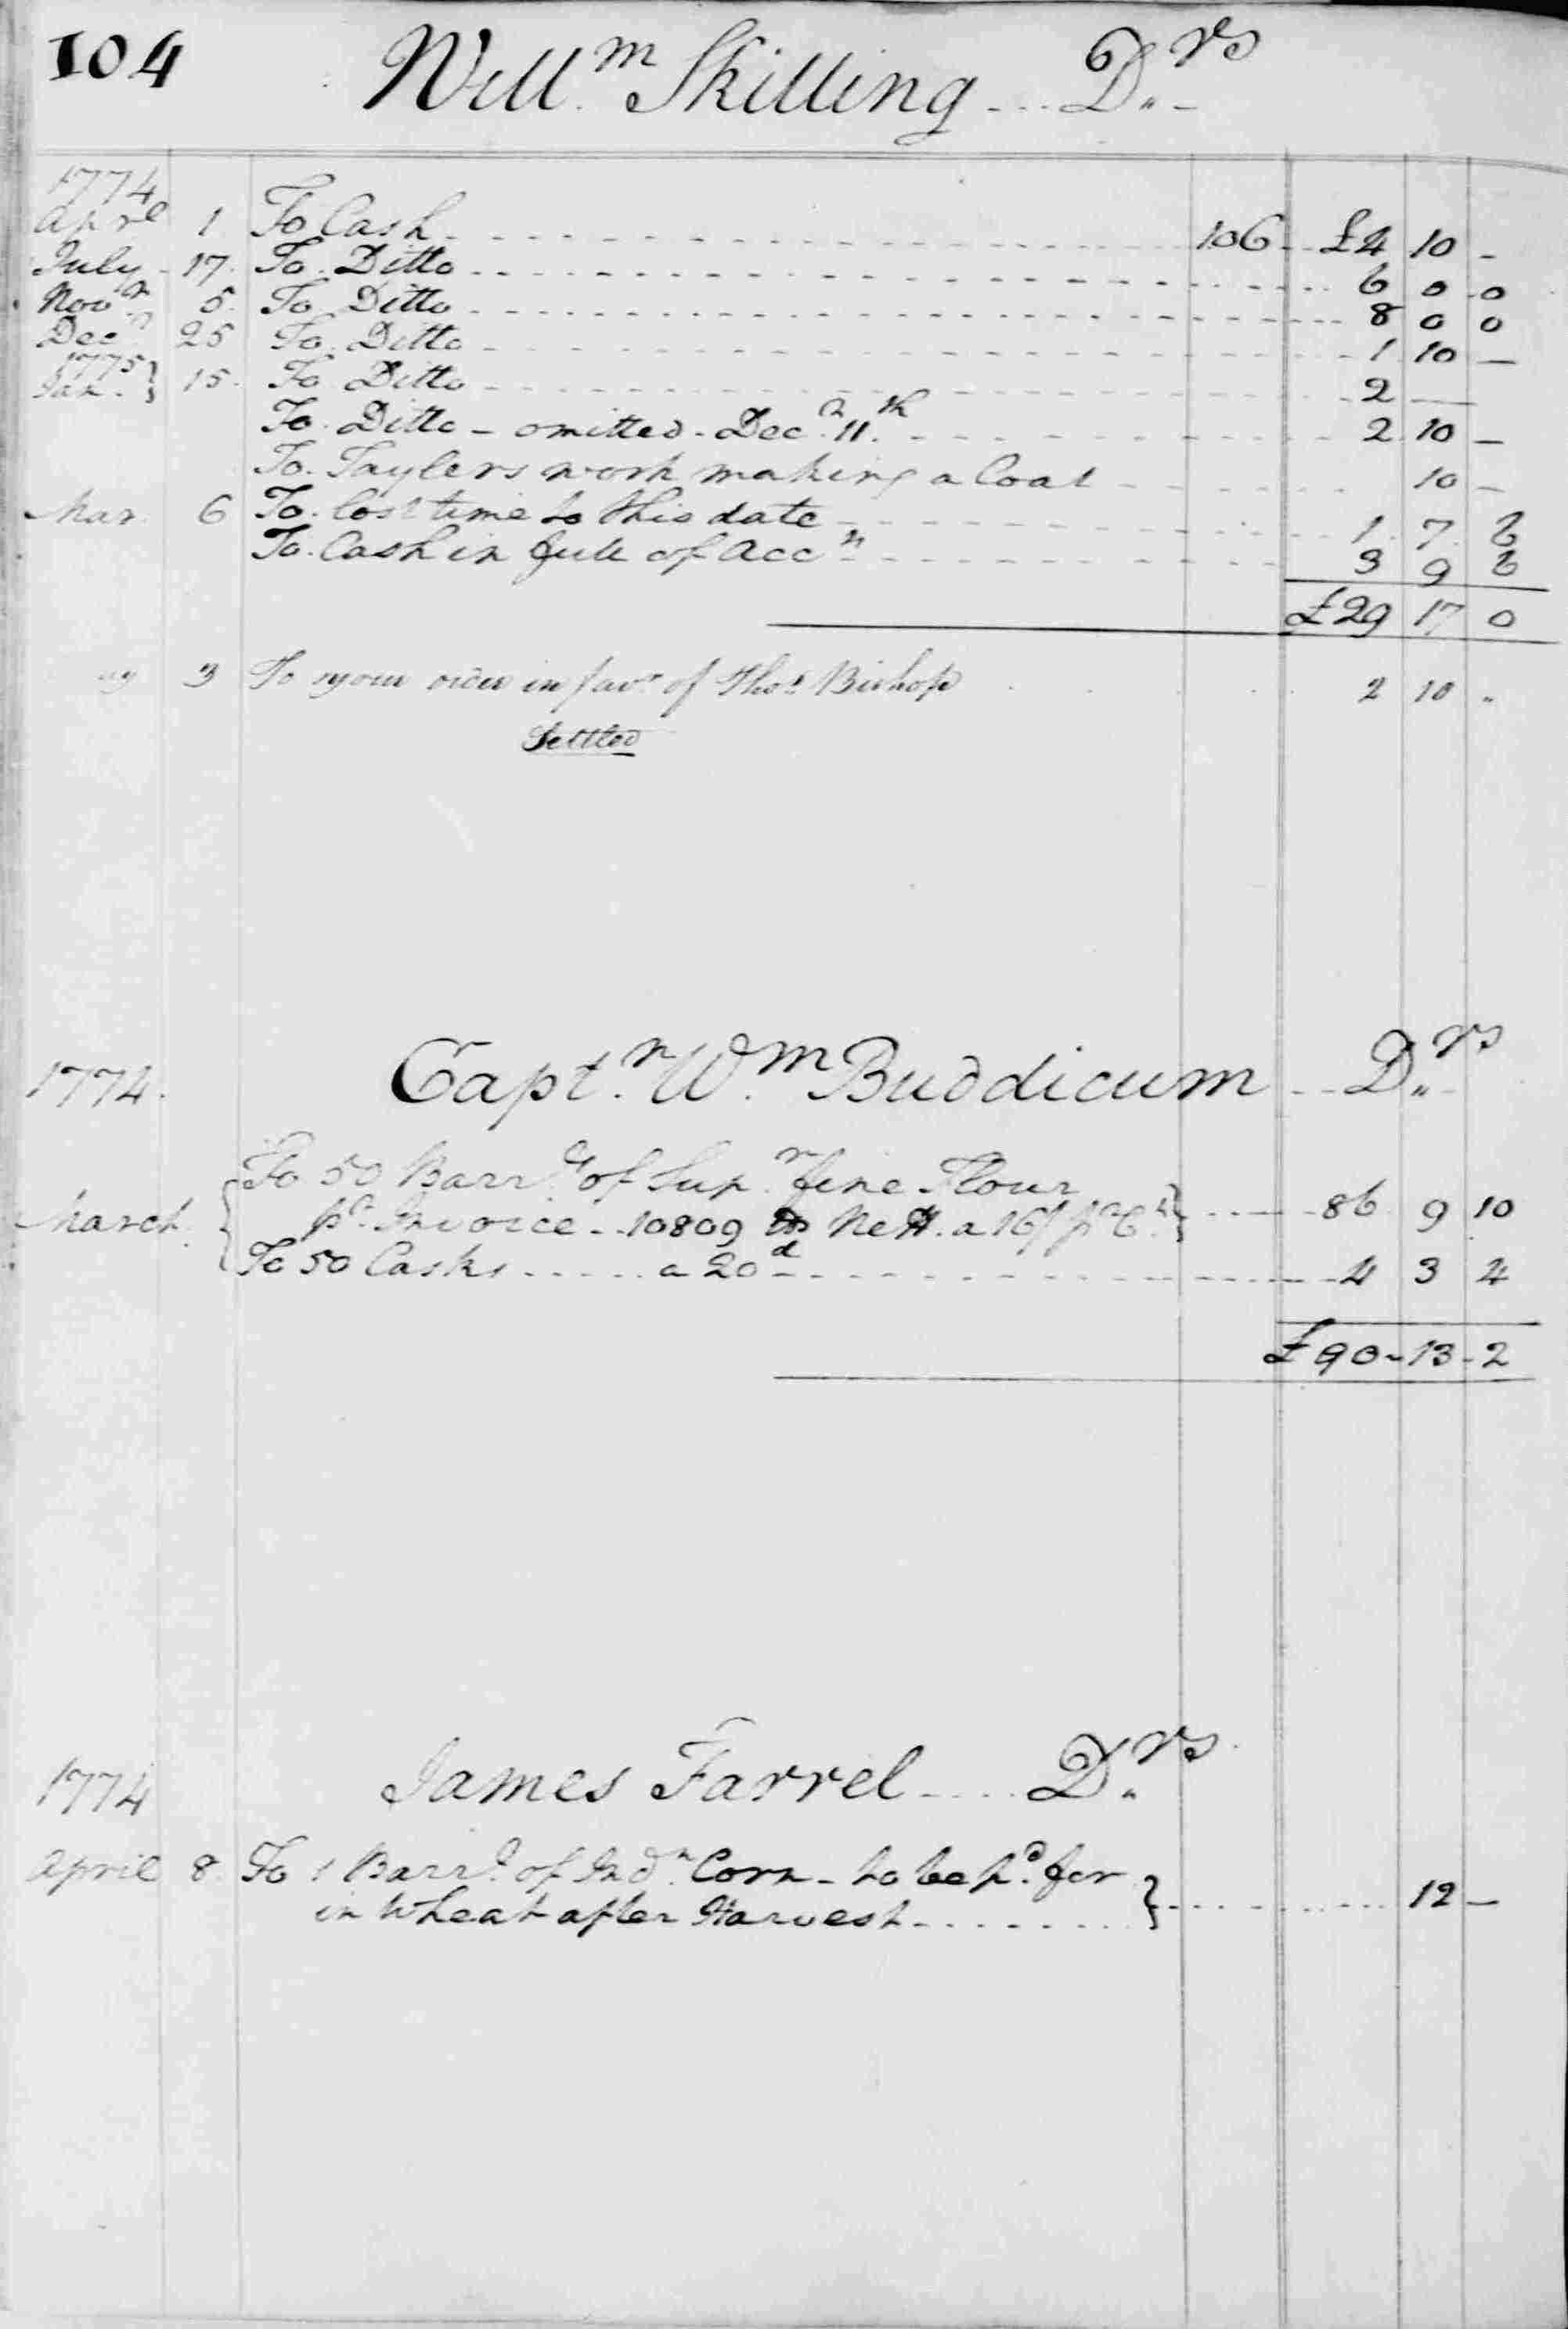 Ledger B, folio 104, left side